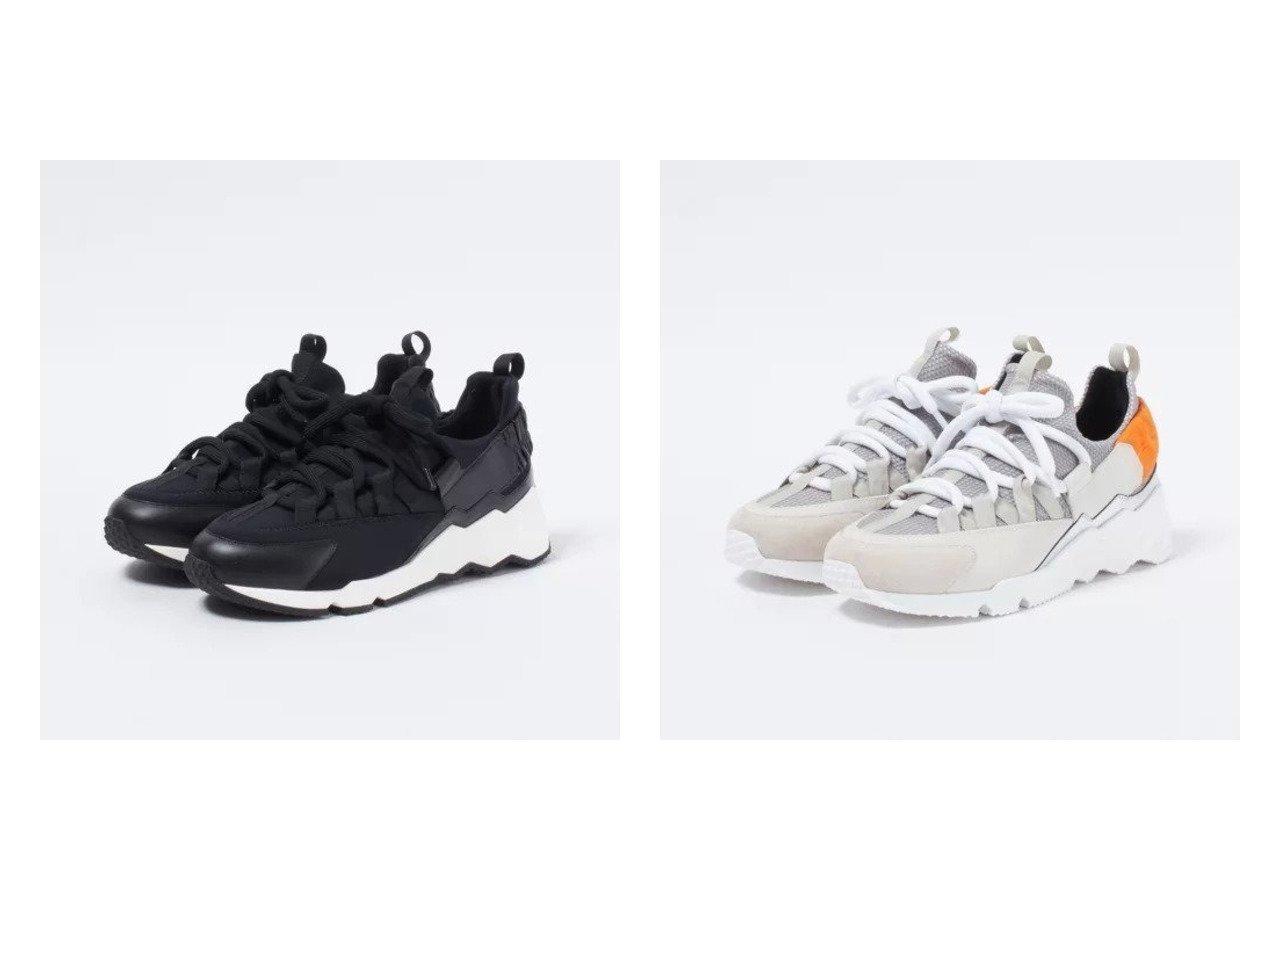 【PIERRE HARDY/ピエール アルディ】のTREK COMET(ブラック)&TREK COMET(オフホワイト オレンジ) 【シューズ・靴】おすすめ!人気、トレンド・レディースファッションの通販 おすすめで人気の流行・トレンド、ファッションの通販商品 メンズファッション・キッズファッション・インテリア・家具・レディースファッション・服の通販 founy(ファニー) https://founy.com/ 雑誌掲載アイテム Magazine Items ファッション雑誌 Fashion Magazines エクラ eclat ファッション Fashion レディースファッション WOMEN 4月号 オレンジ シューズ スニーカー 人気 春 Spring 雑誌  ID:crp329100000029173